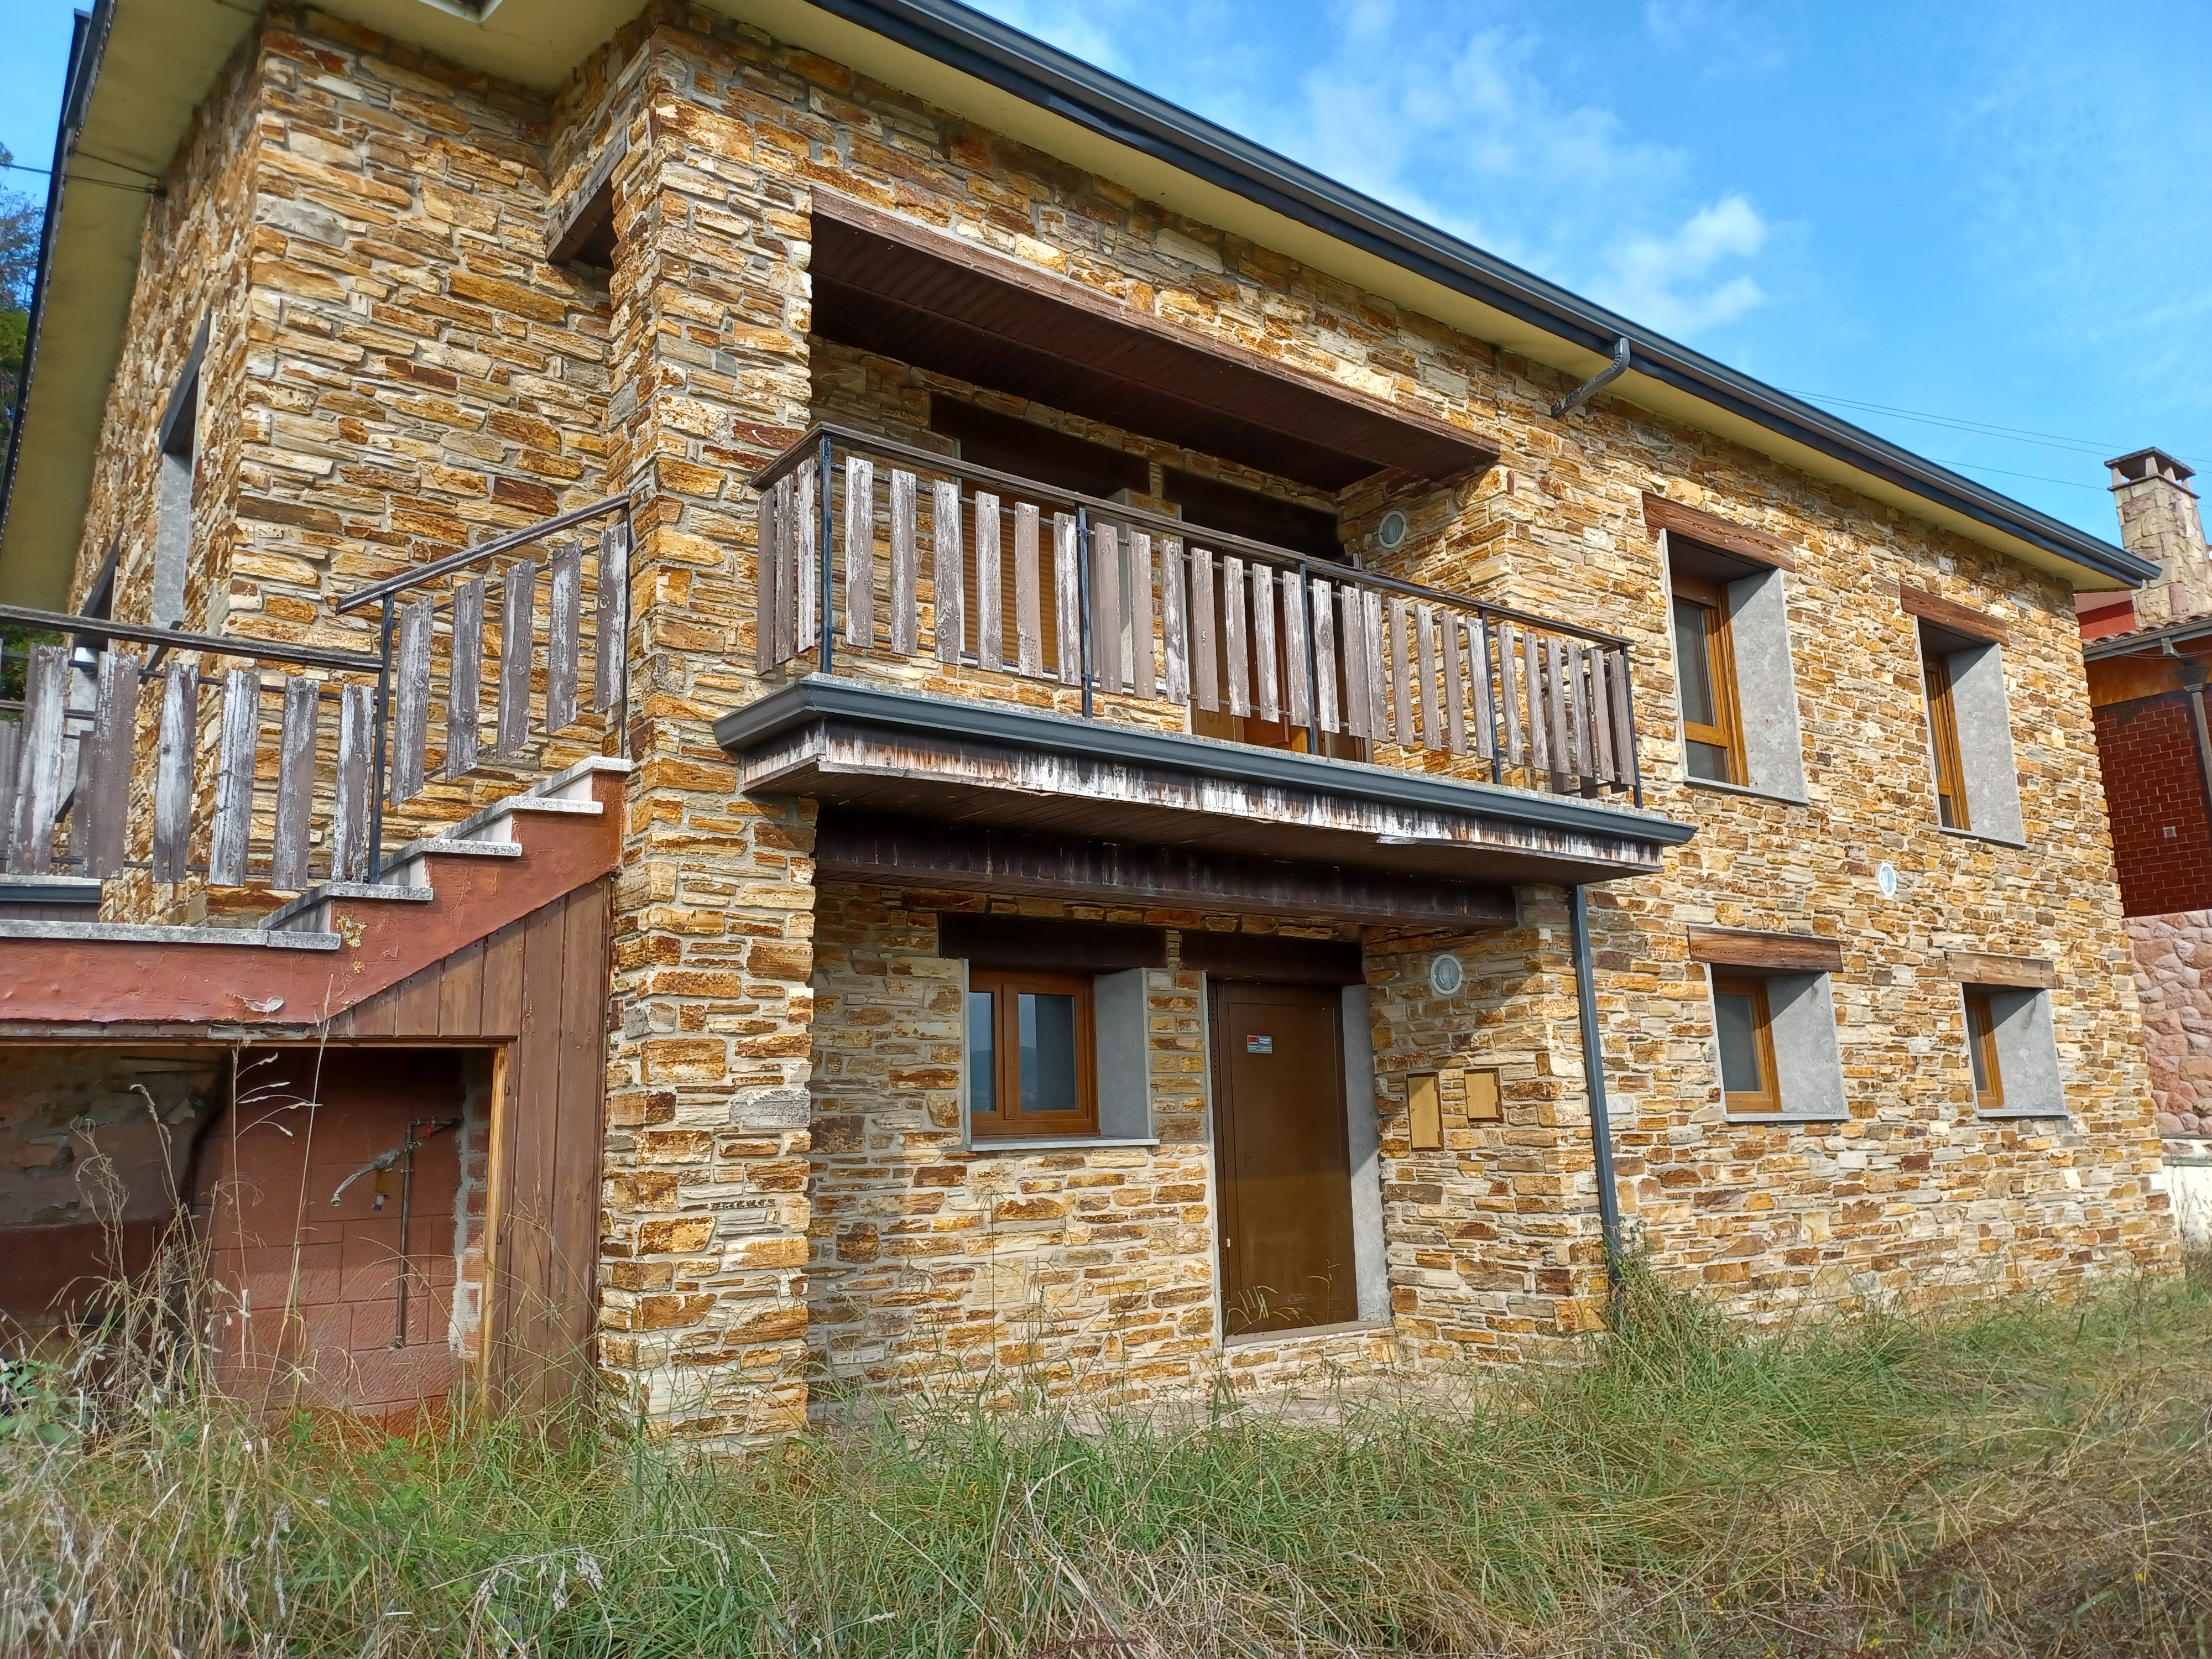 Casa en venta en Siero, Asturias, Calle , 320.000 €, 6 habitaciones, 3 baños, 268 m2